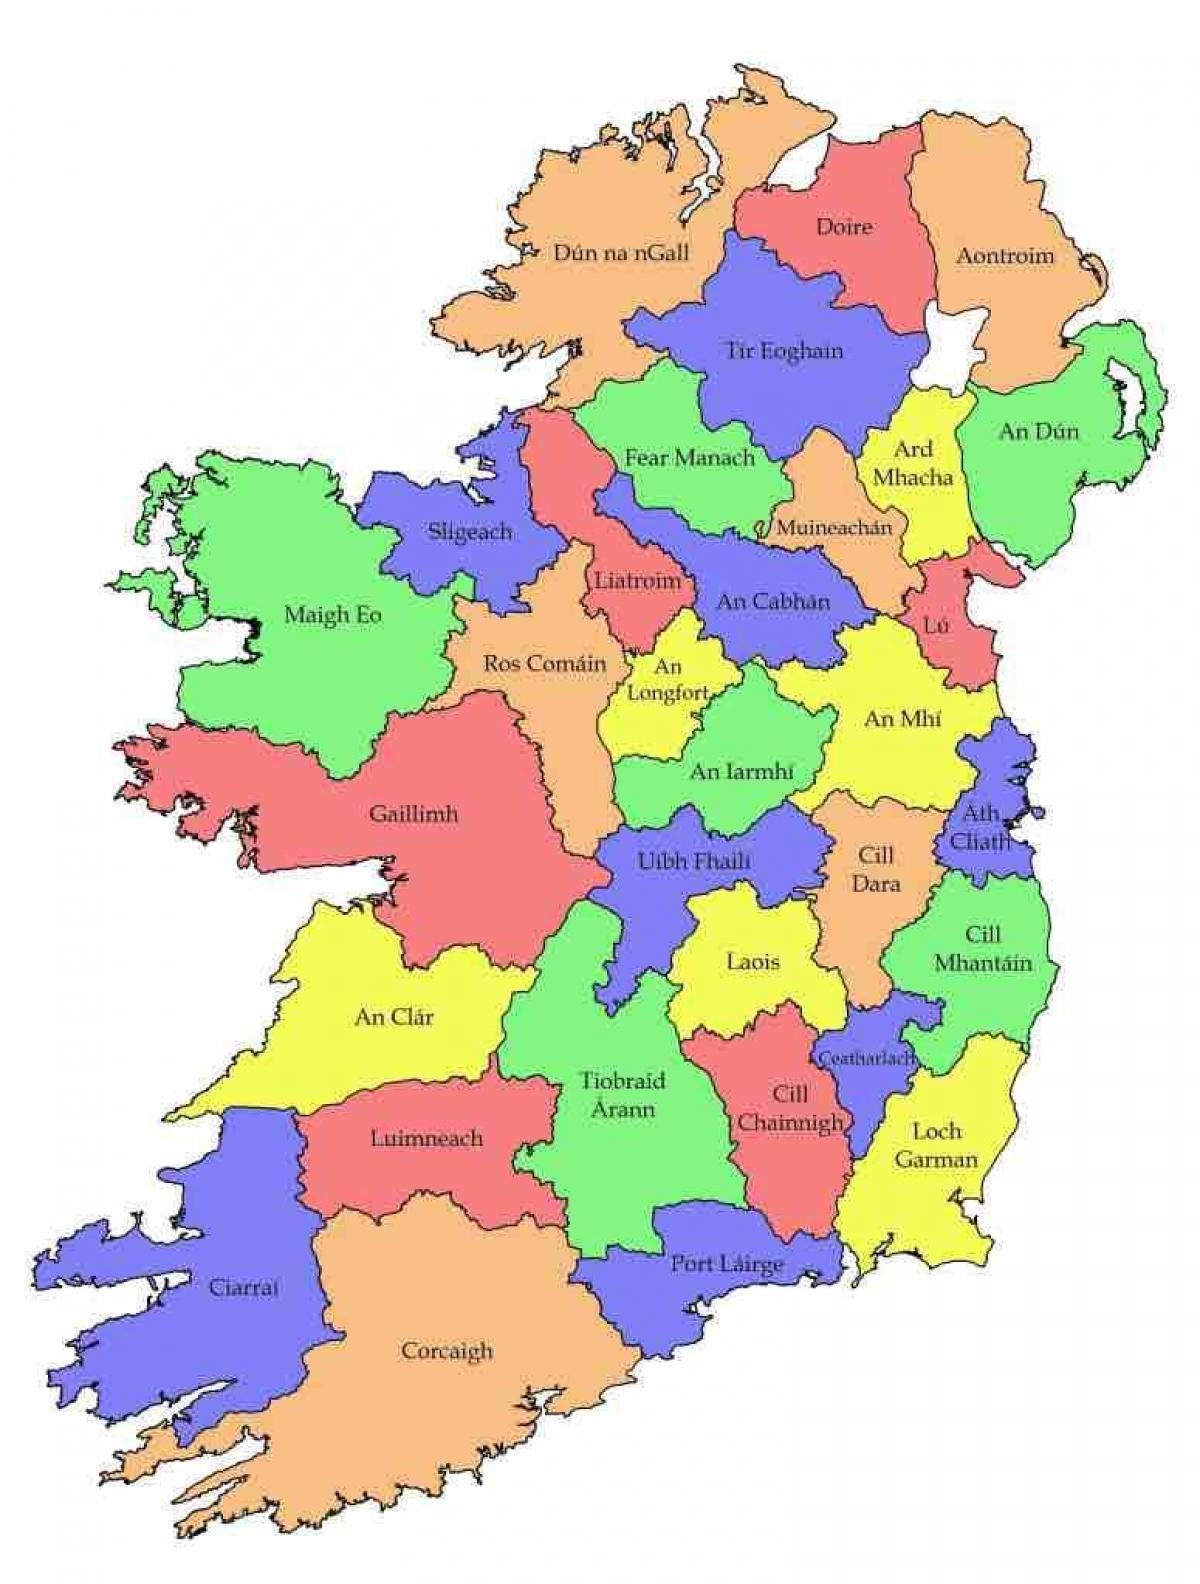 Merkittava Kartta Irlanti Kartta Irlannin County Nimet Pohjois